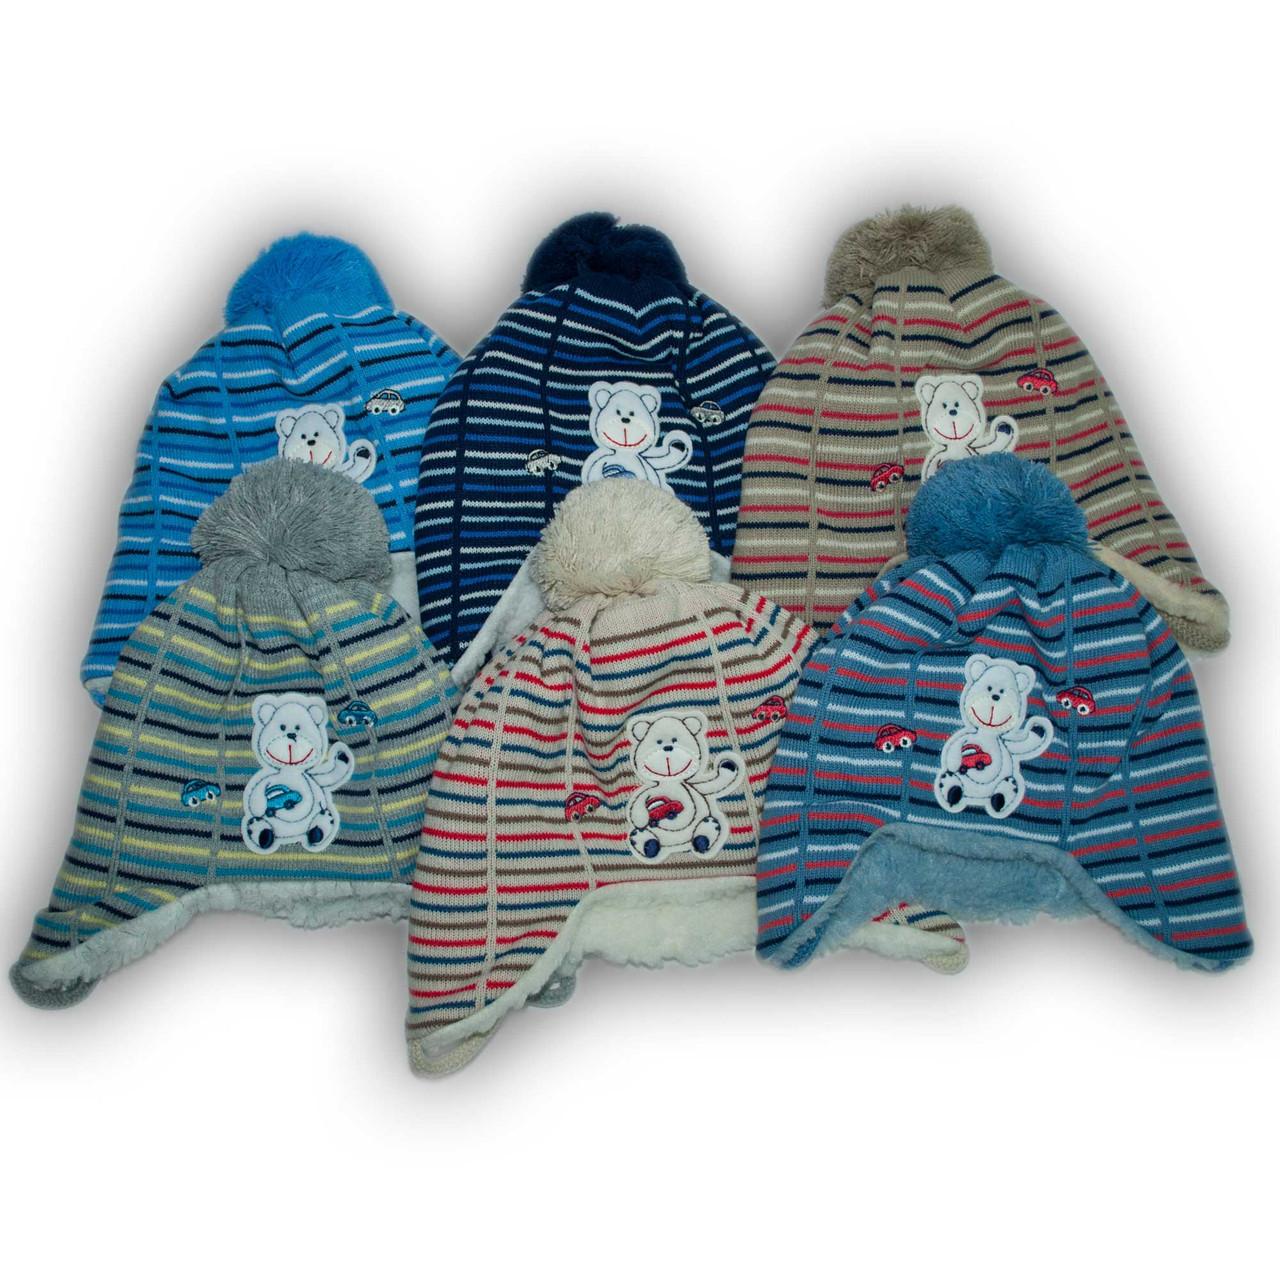 Комплект (шапка + шарф) Польского производителя Ambra с подкладкой искуственный мех, модель H33/МЕХ